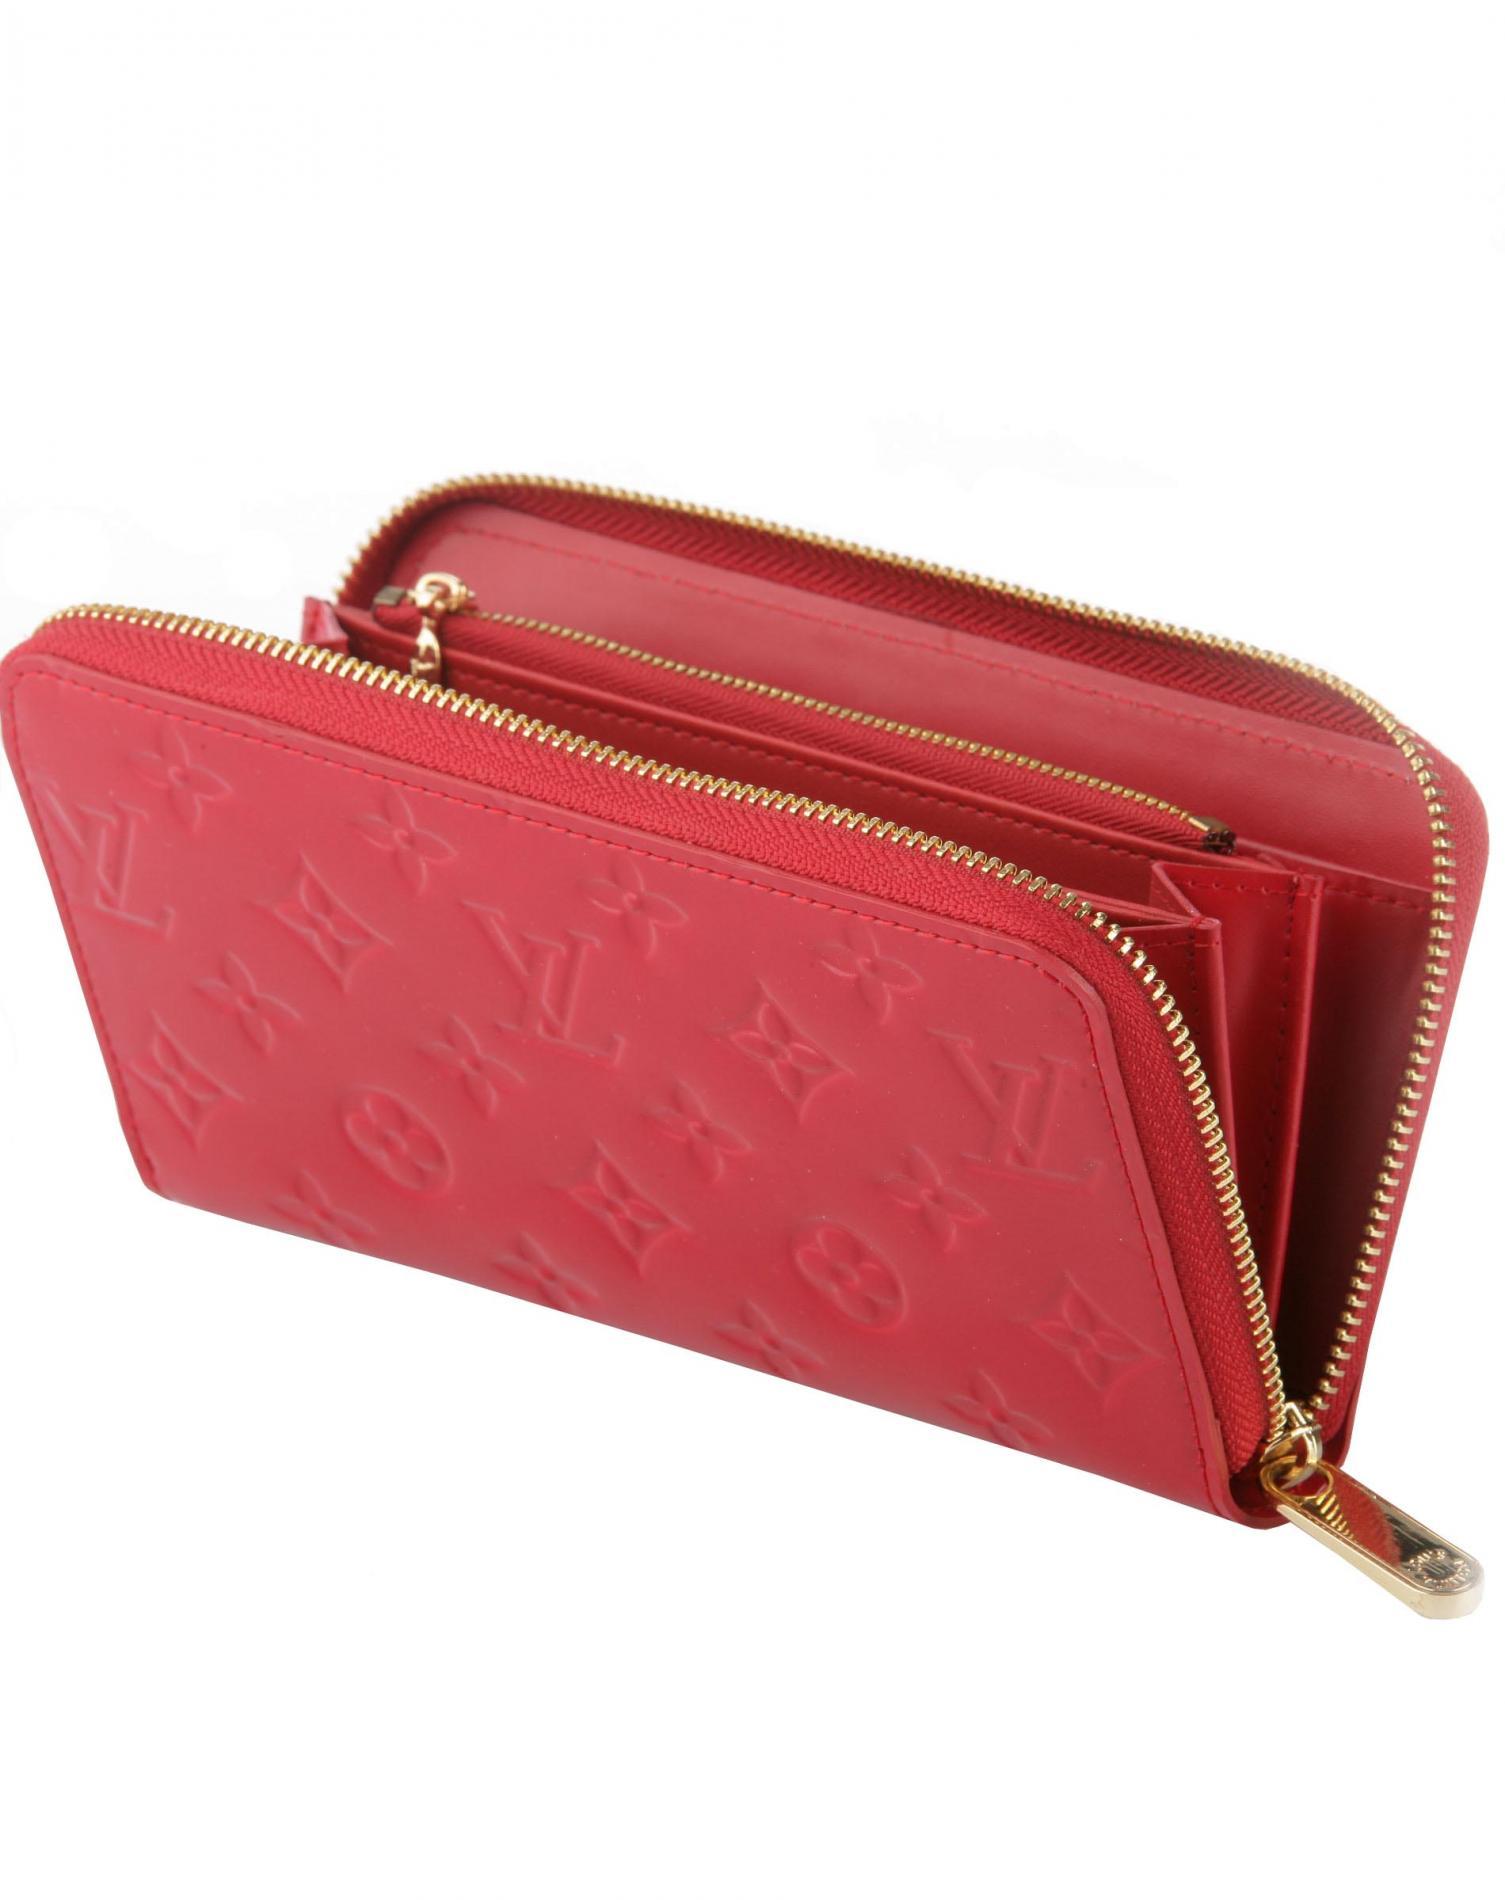 b0934d1602c8 Кошелек Louis Vuitton (68 фото): особенности и преимущества женских ...